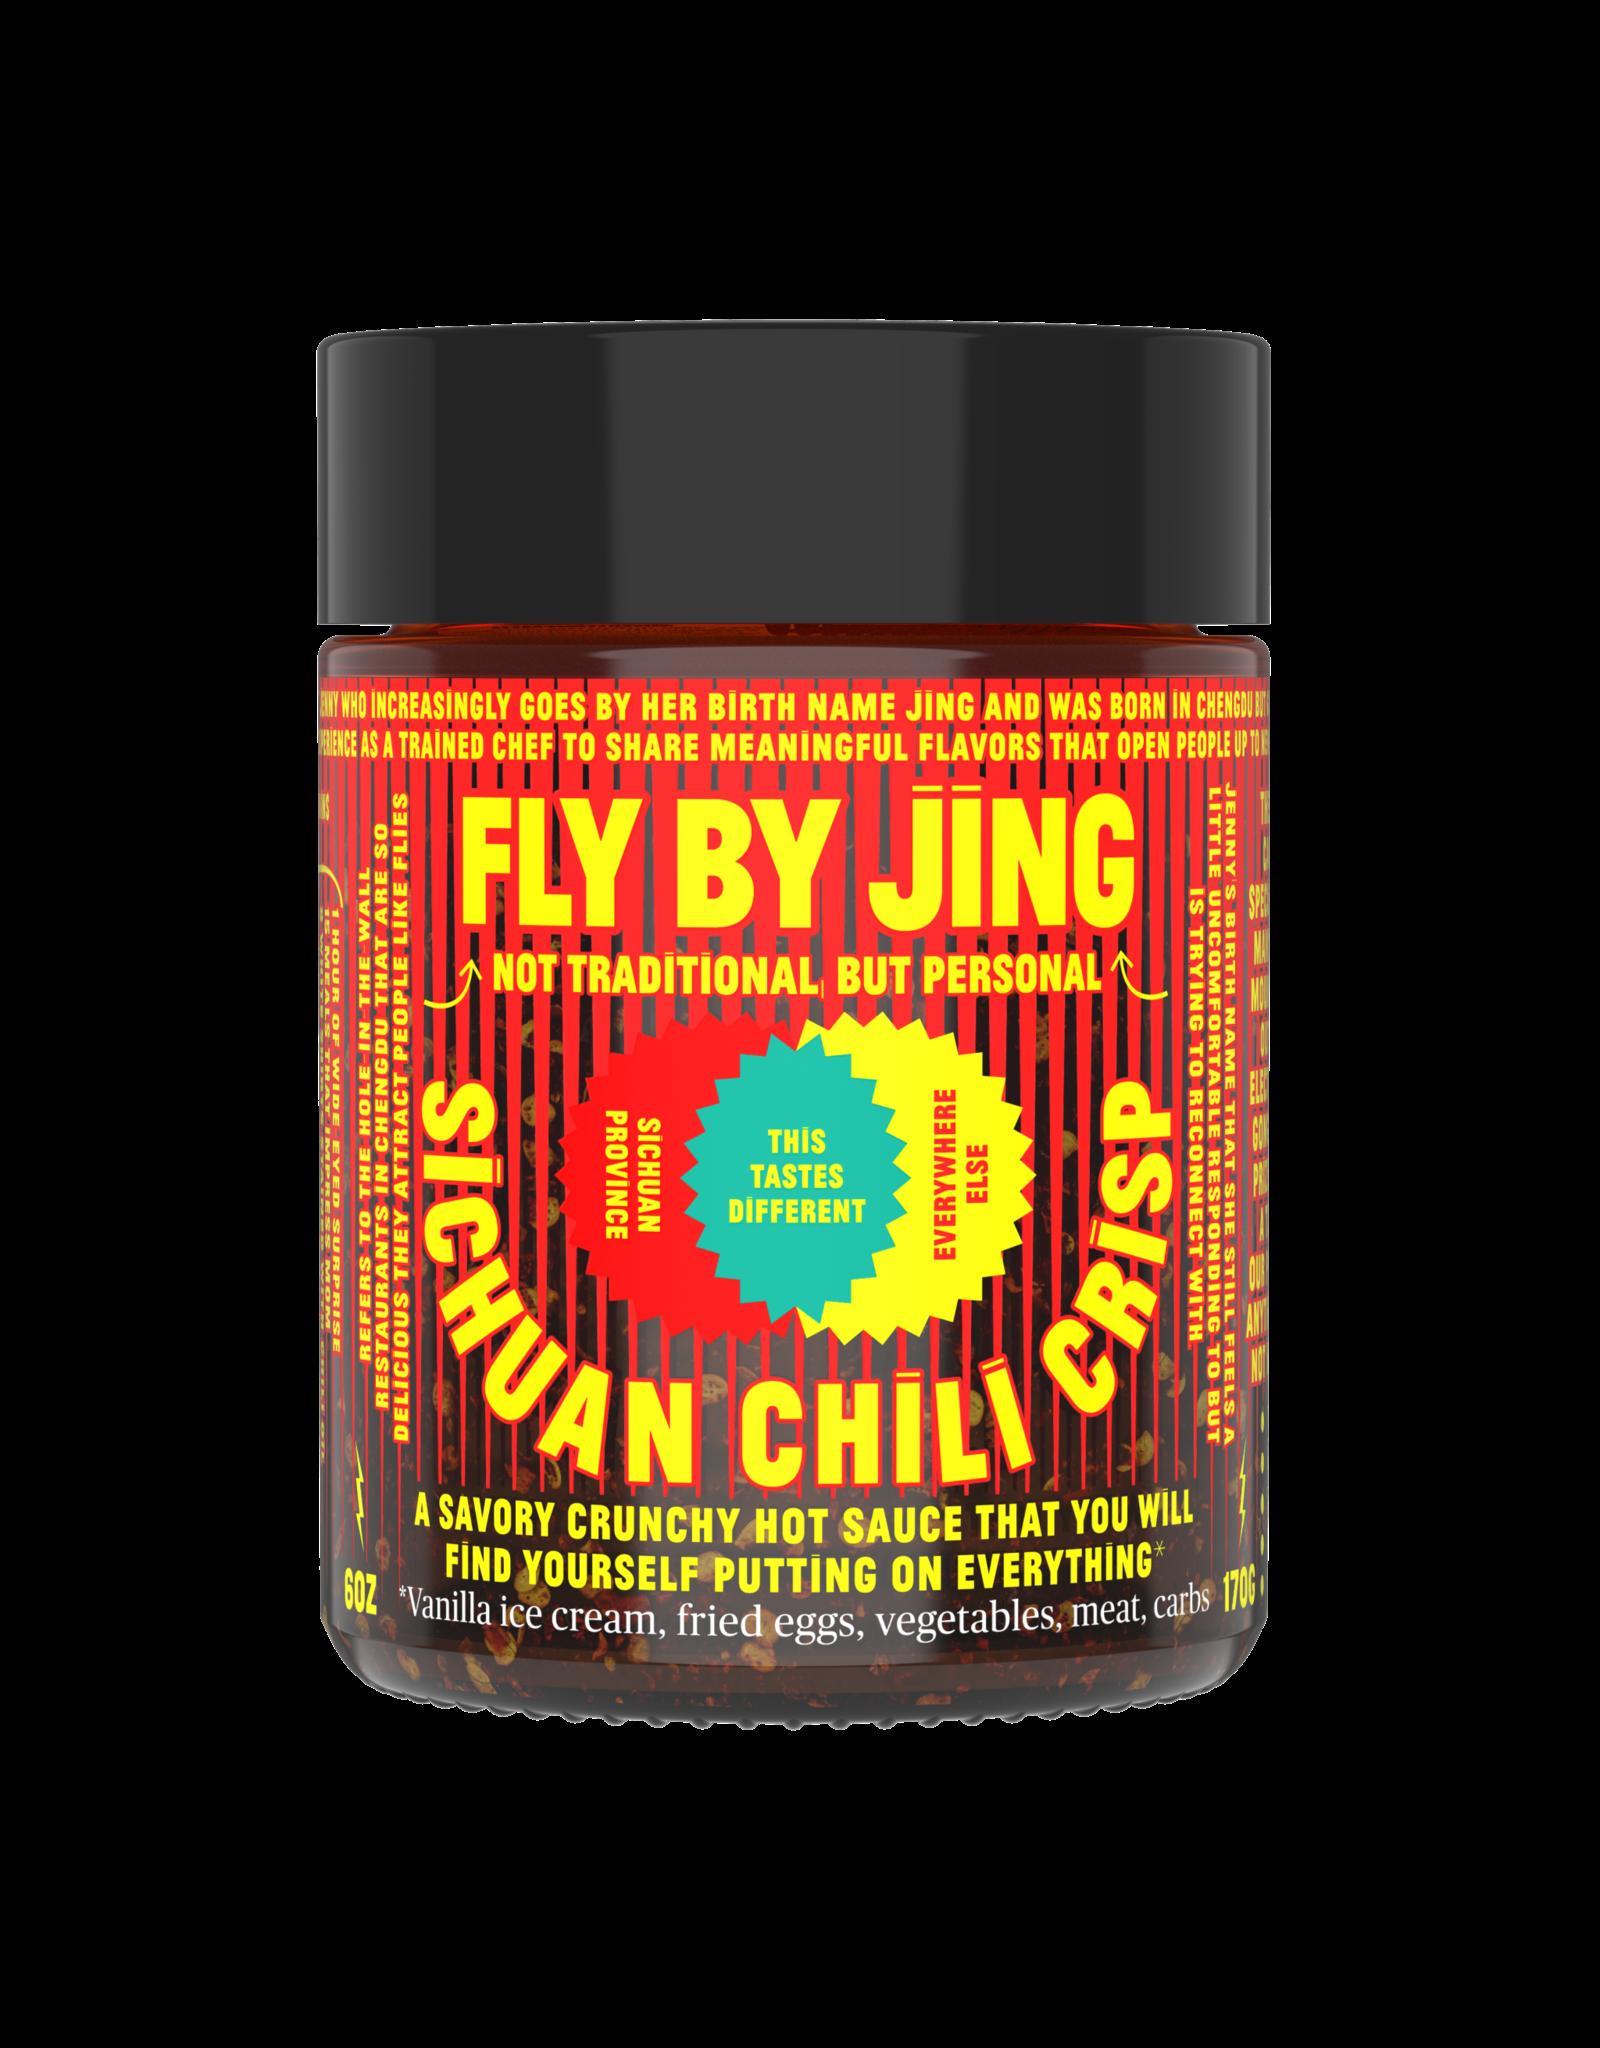 Fly by Jing Fly by Jīng Sīchuan Chili Crisp